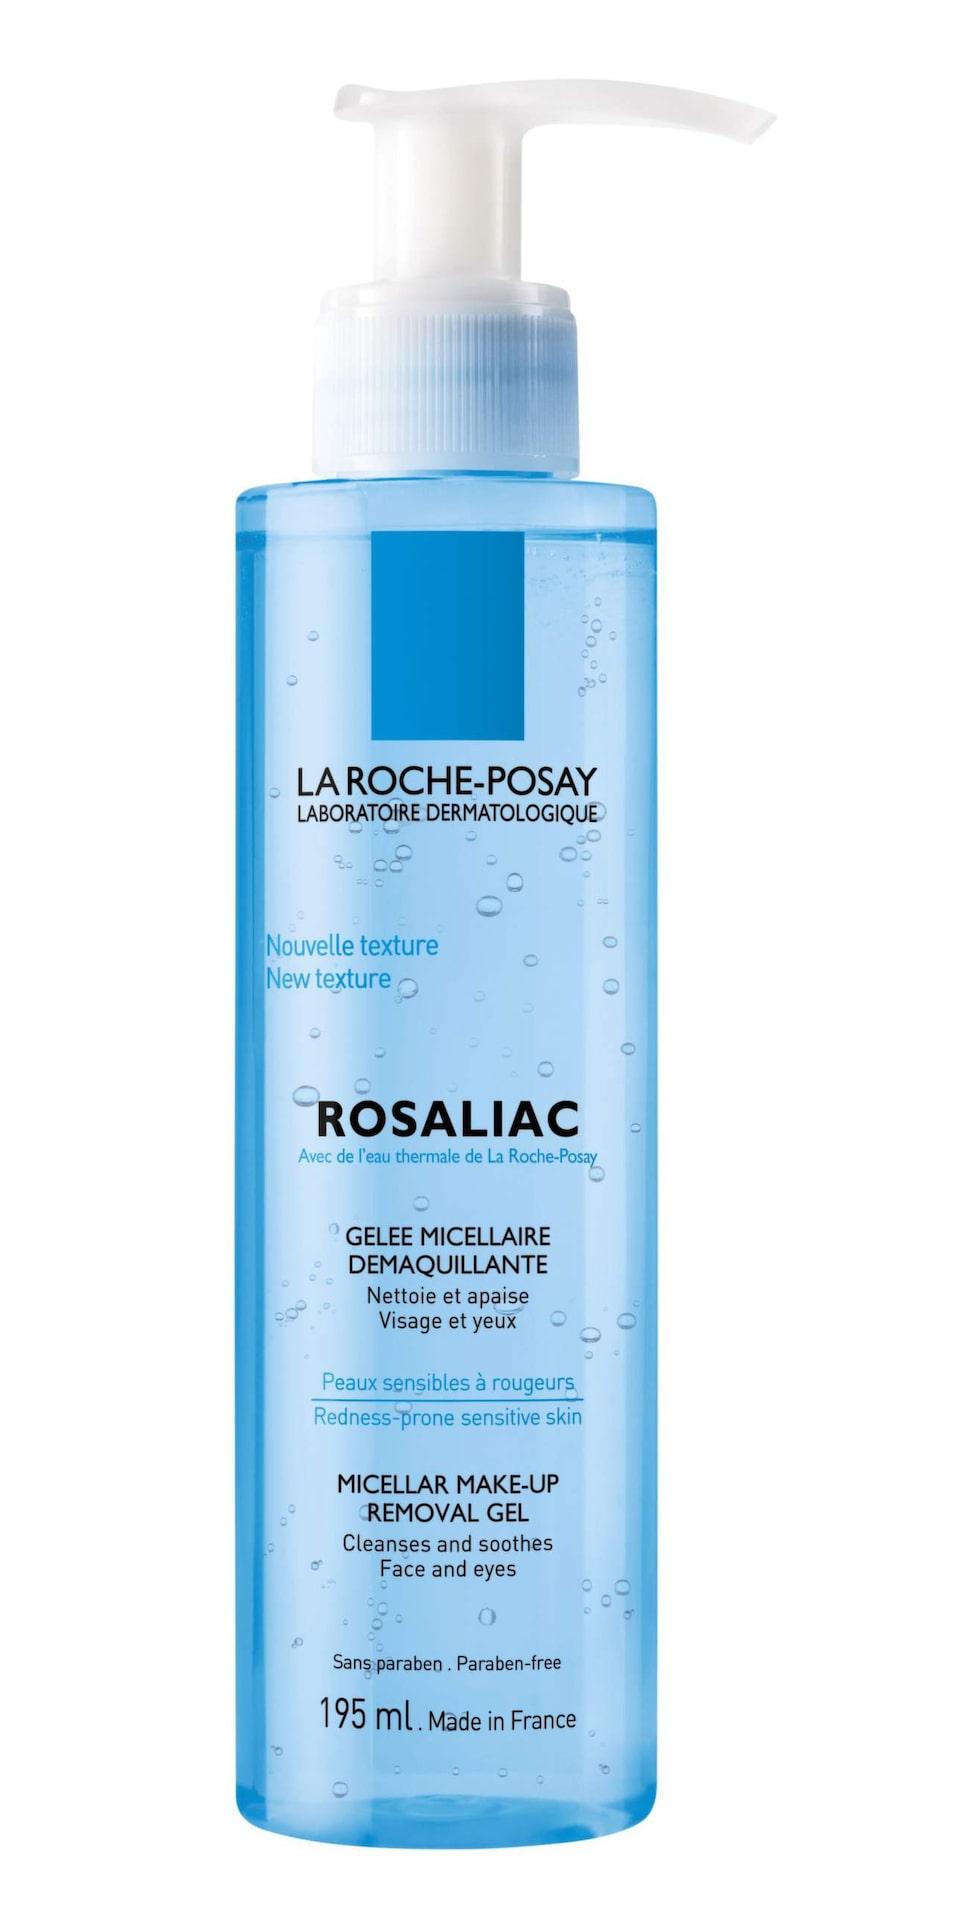 Rosaliac rengöringsgel, 165 kronor/195 ml, La Roche-PosaySpecialistvårdSkön gelaktig konsistens med ingredienser som passar en känslig hy som lätt rodnar. Huden blir ren utan att strama, men det krävs extrainsatser för att ta bort ögonmakeup.Larocheposay.se